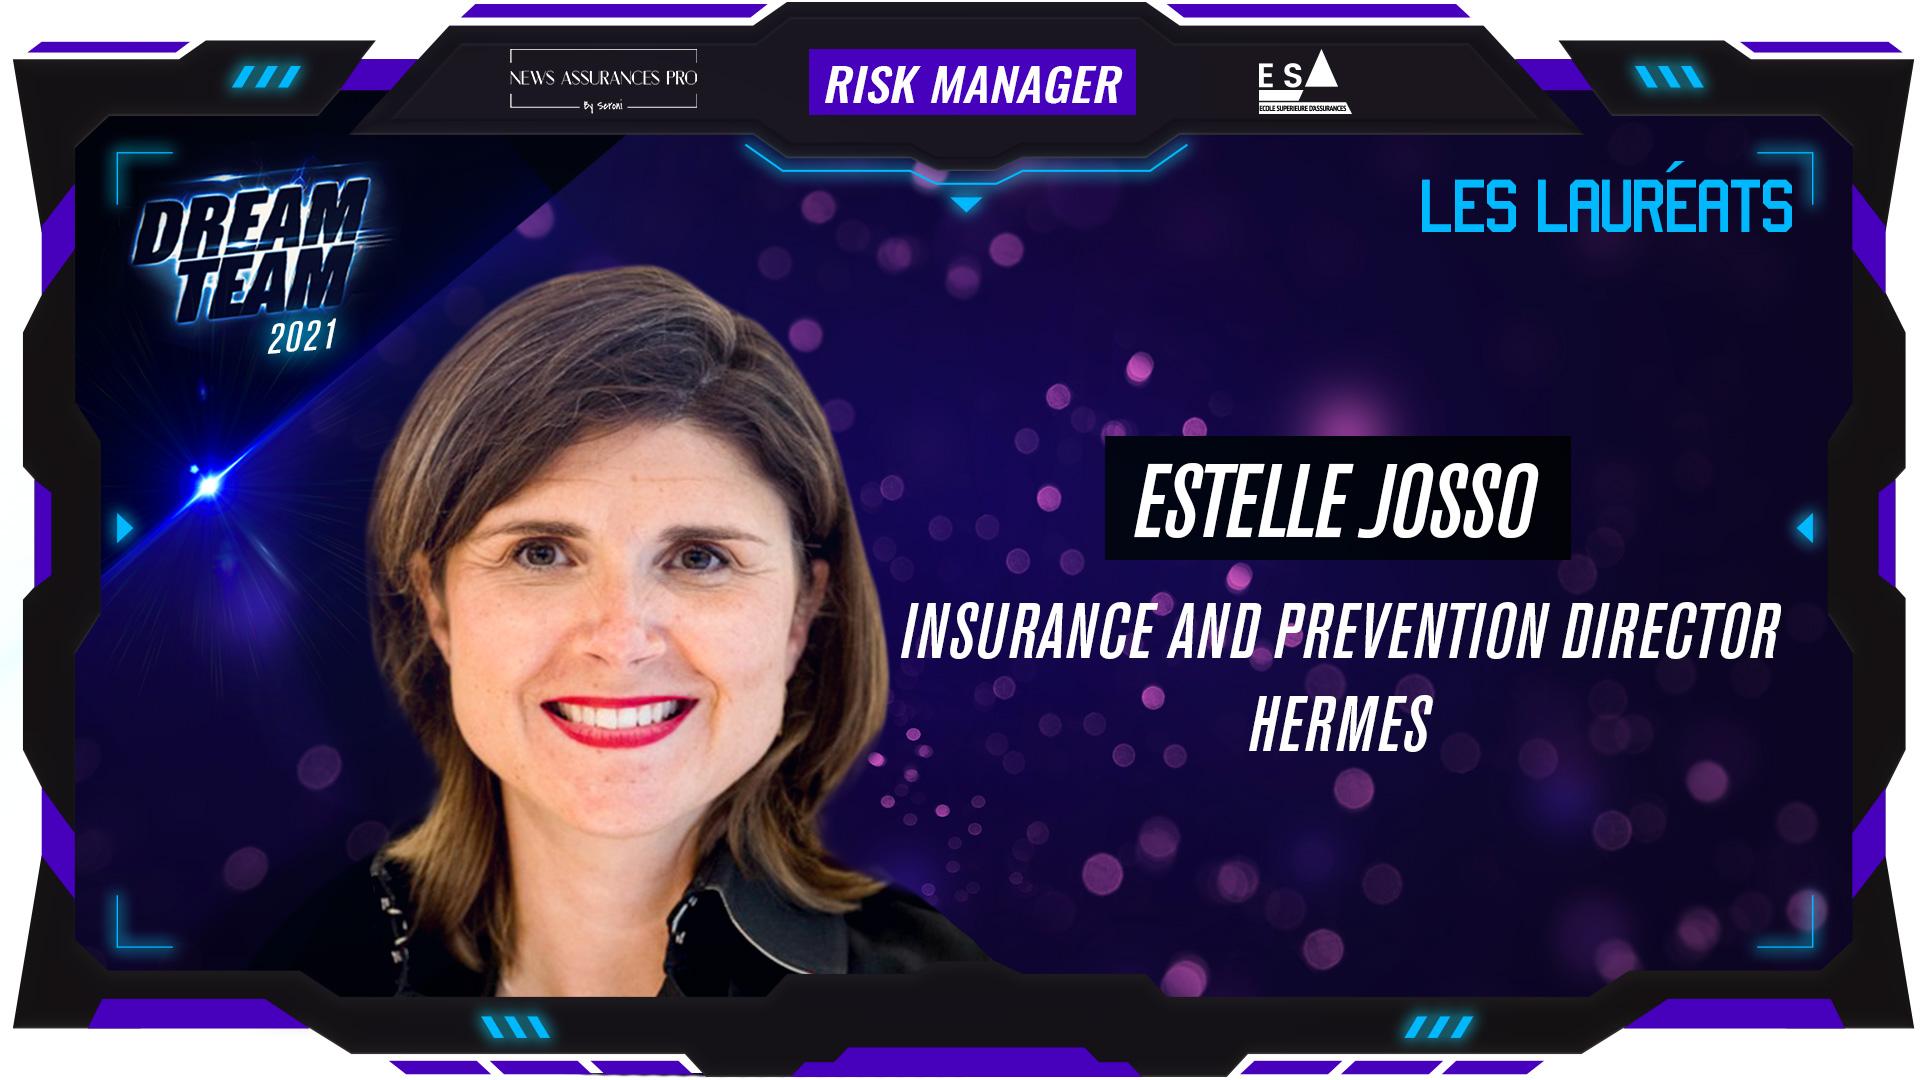 Estelle Josso au poste de Risk Manager